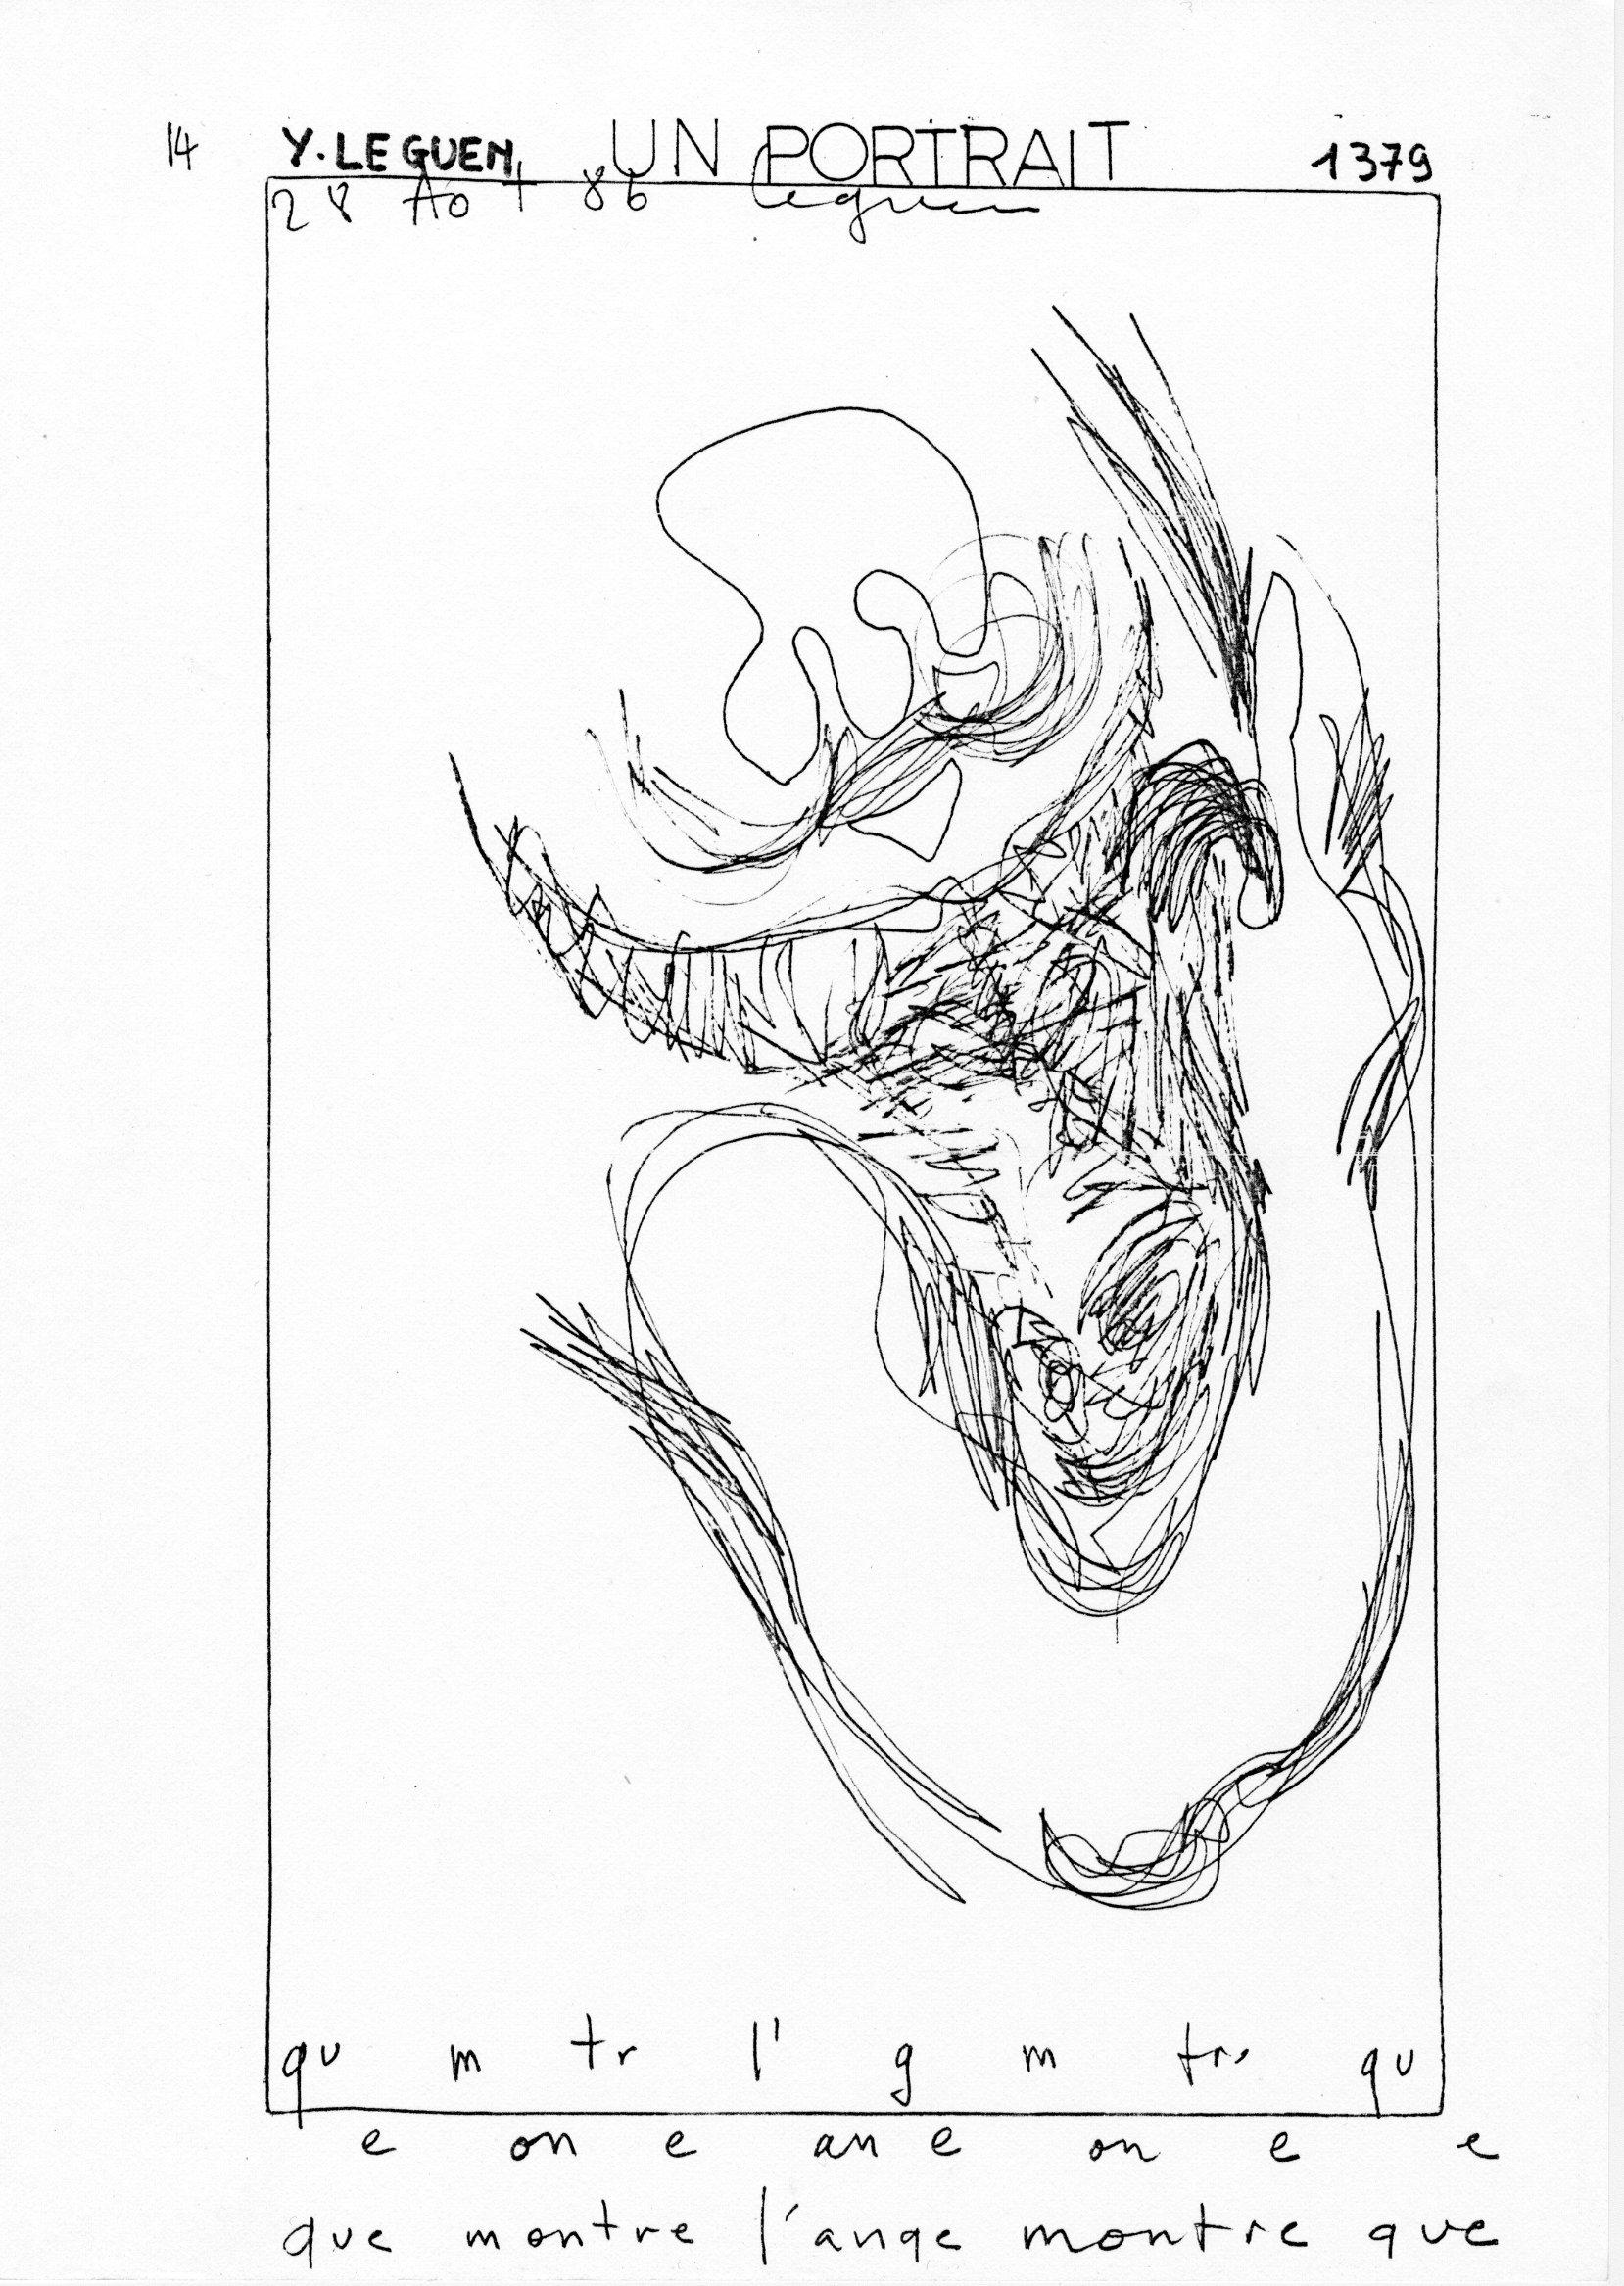 page 1379 Y. Leguen UN PORTRAIT